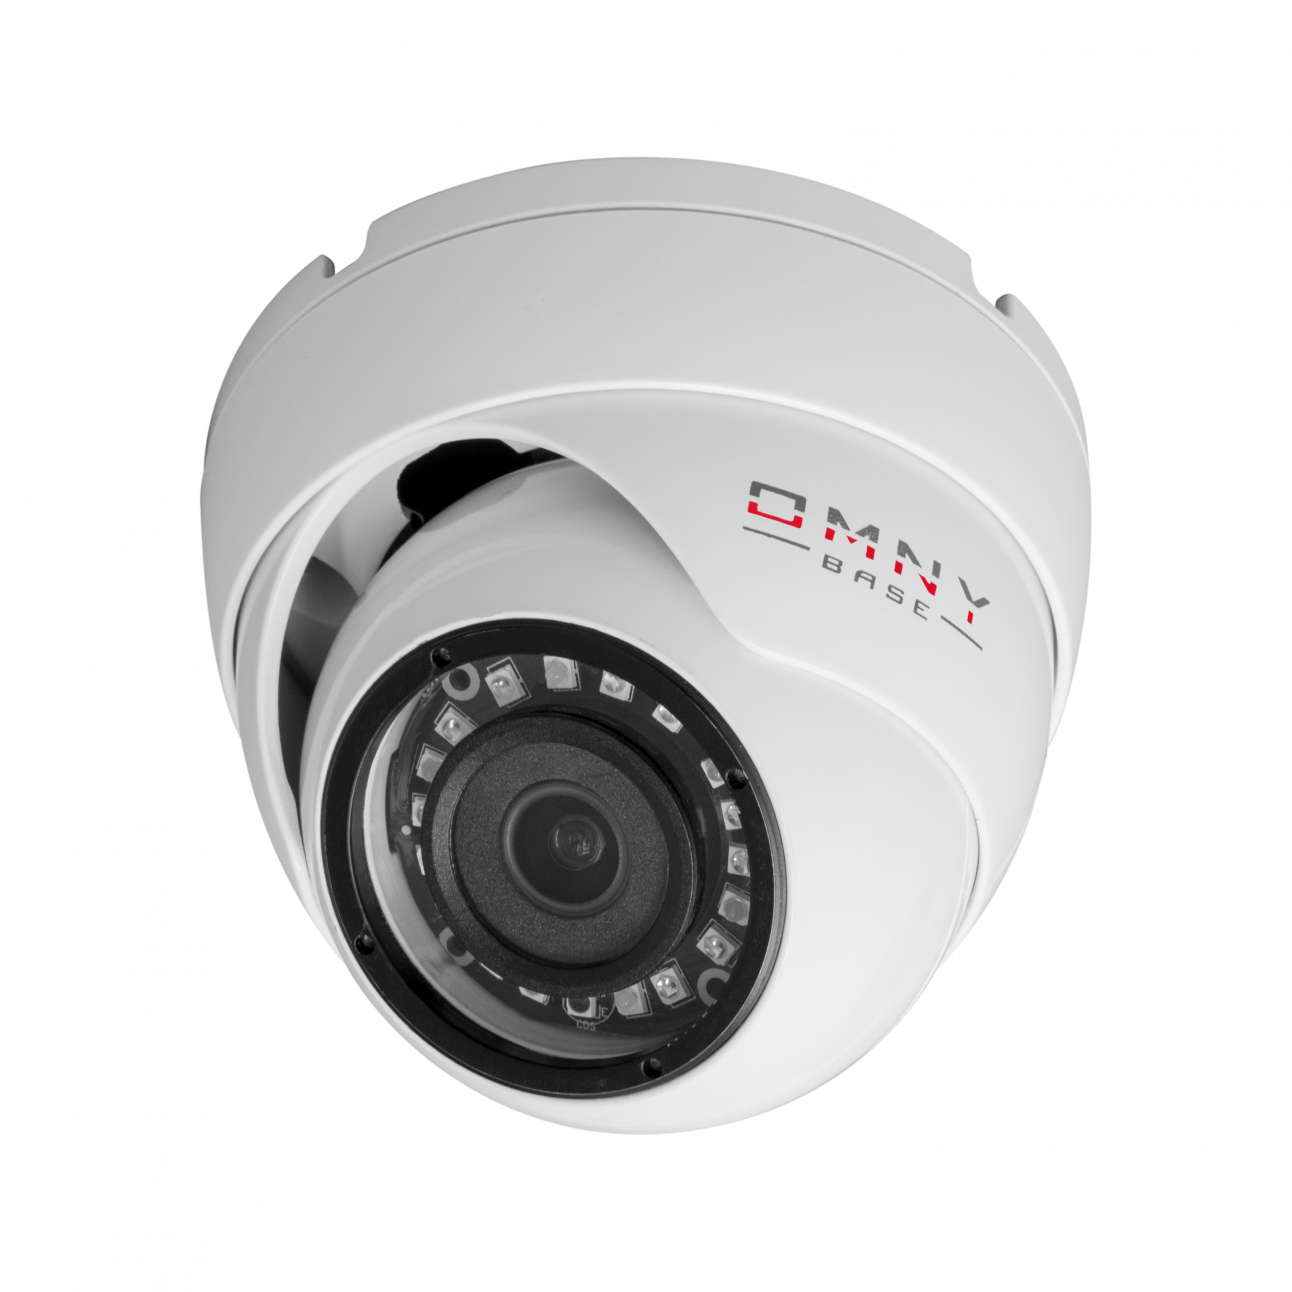 IP камера купольная 2Мп OMNY BASE miniDome2Т-U со встроенным микрофоном